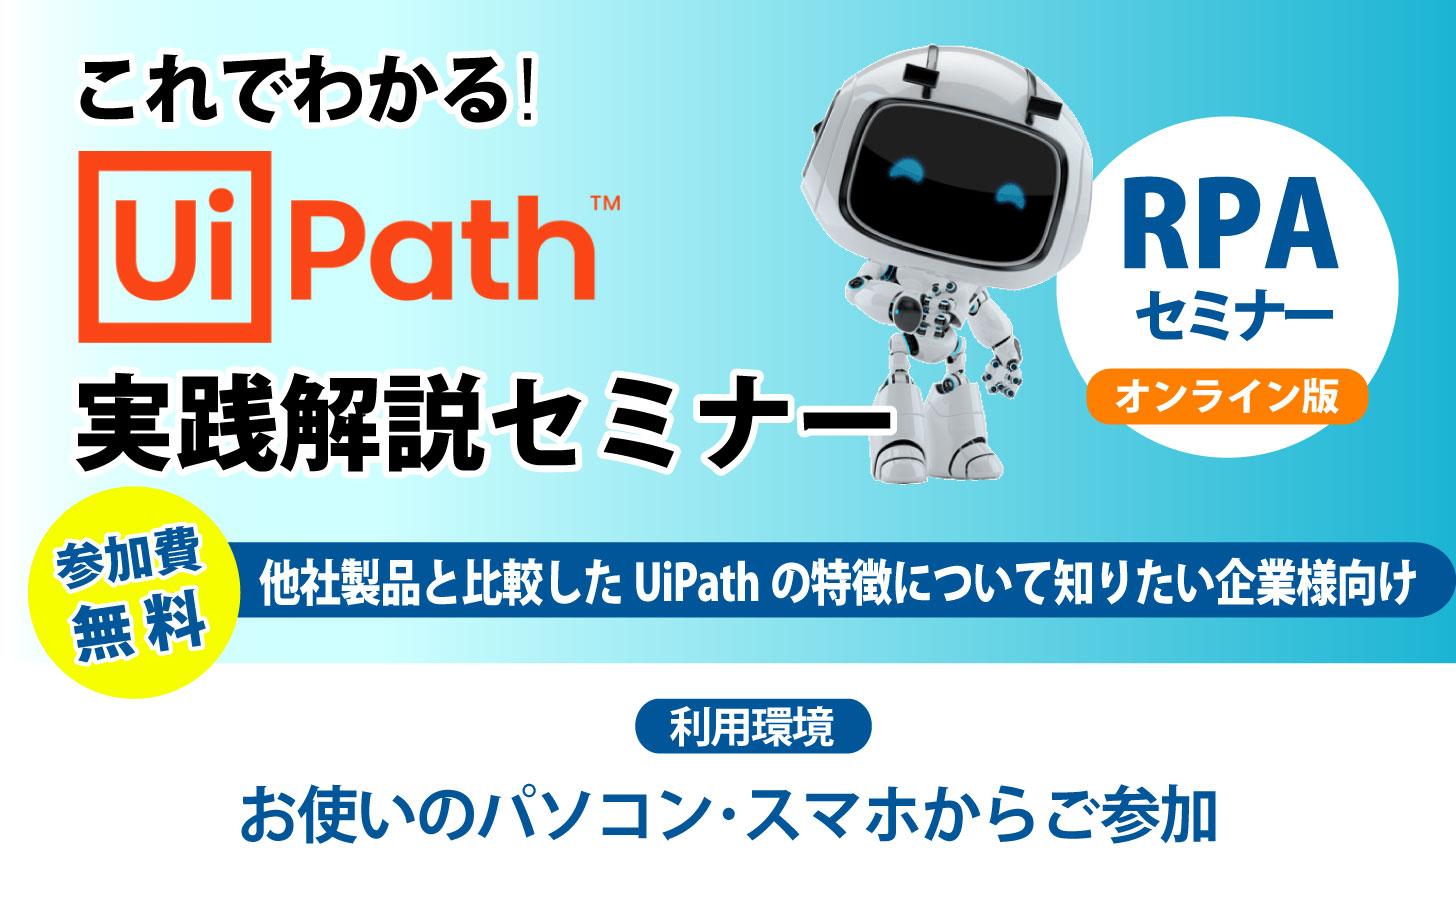 【無料セミナー】RPAツール「UiPath/ユーアイパス」実践解説セミナー(Webセミナー)